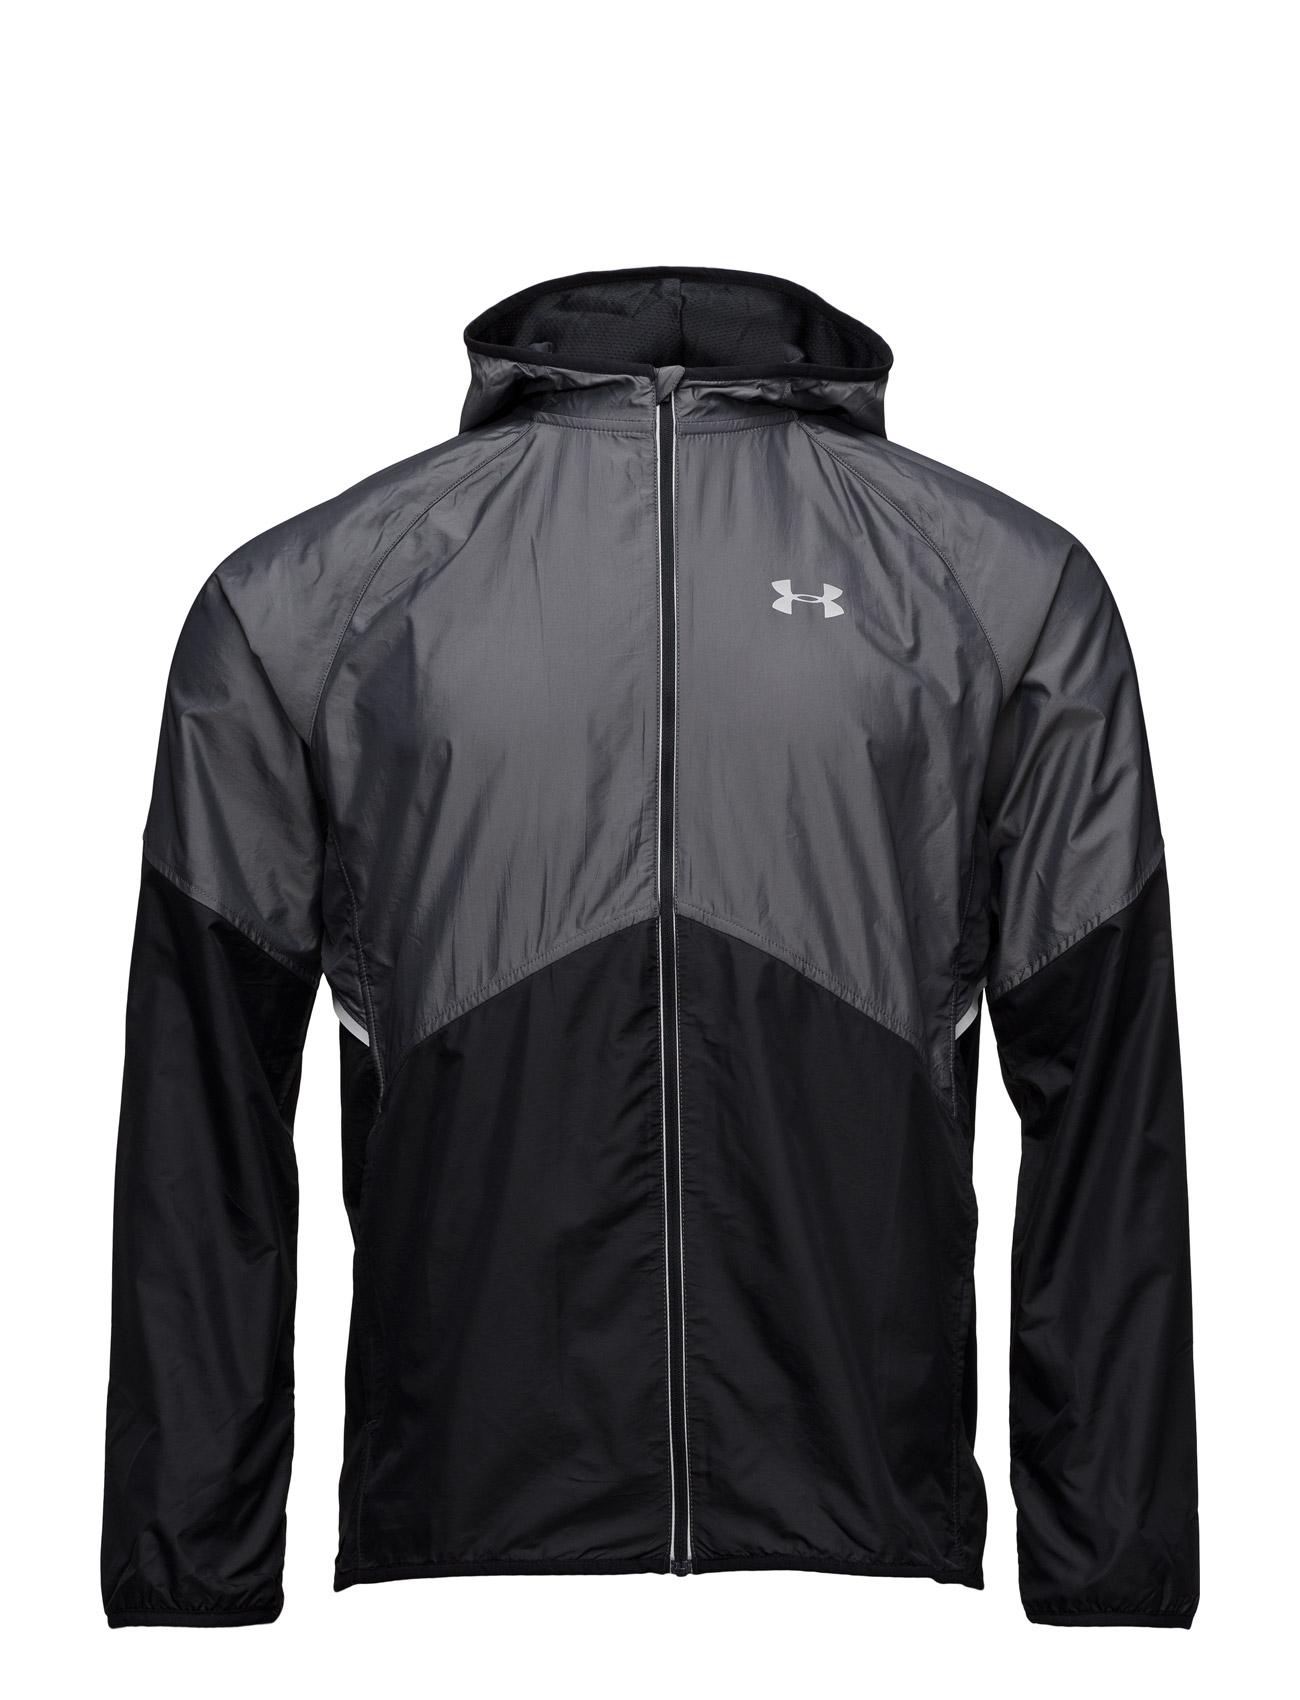 Nobreaks Storm 1 Jacket Under Armour Sportsjakker til Mænd i